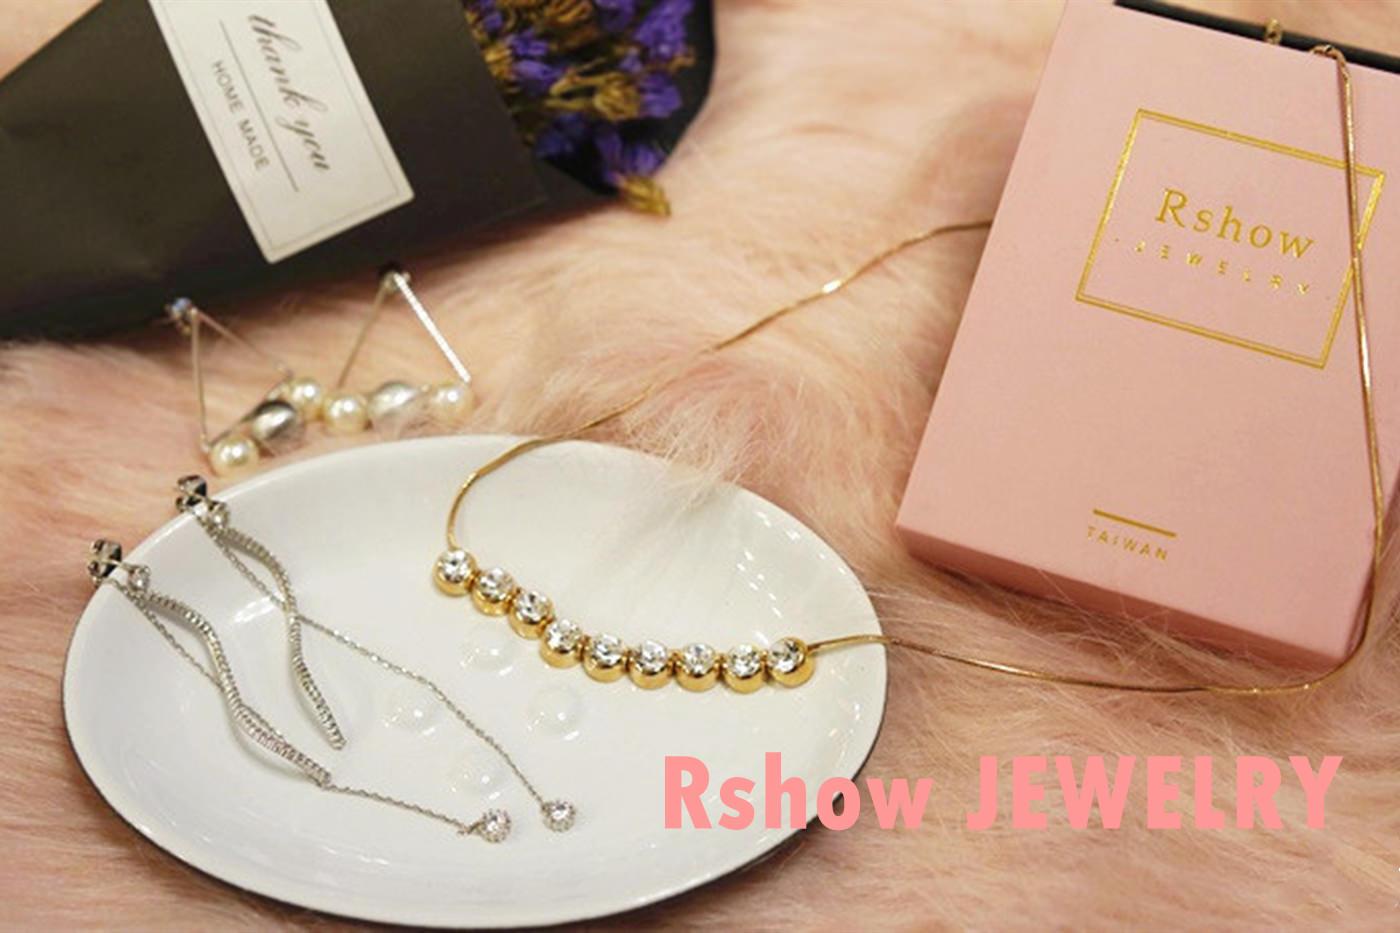 【飾品】Rshow JEWELRY,小資價格搭配出輕奢華的高雅飾品